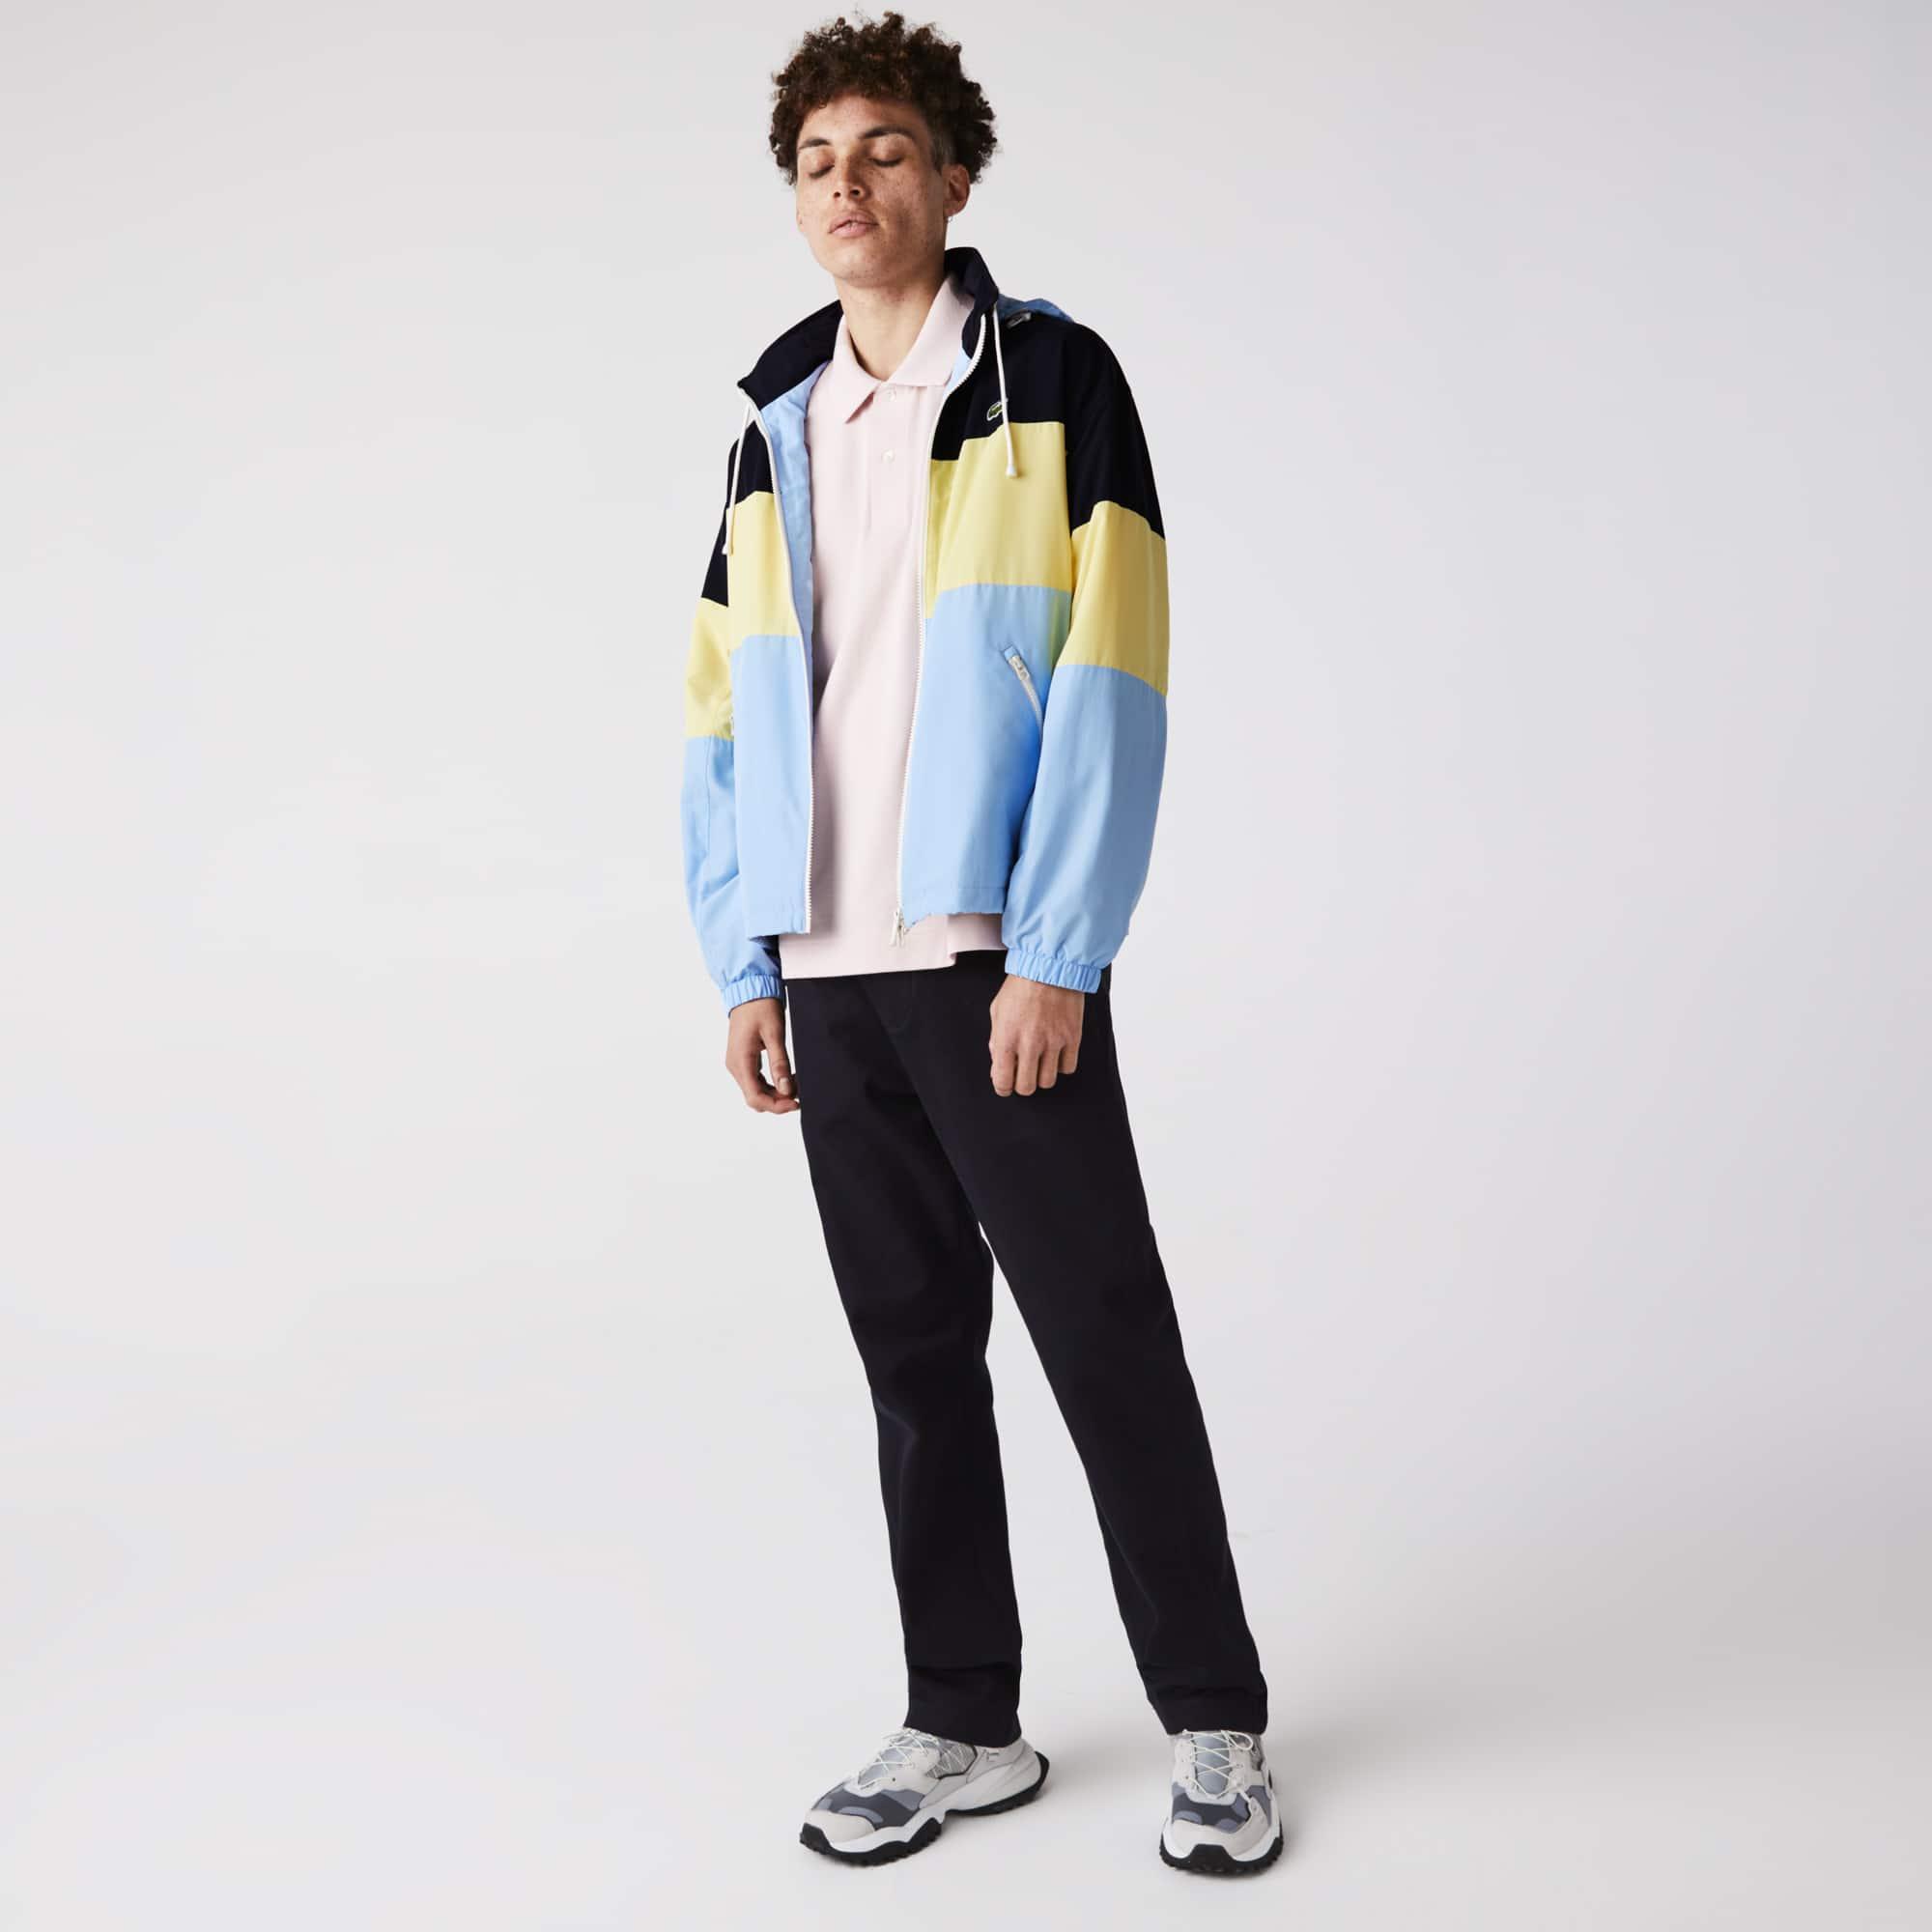 라코스테 맨 발수 컬러블록 자켓 Lacoste Men's Concealed Hood Water-Resistant Colorblock Jacket